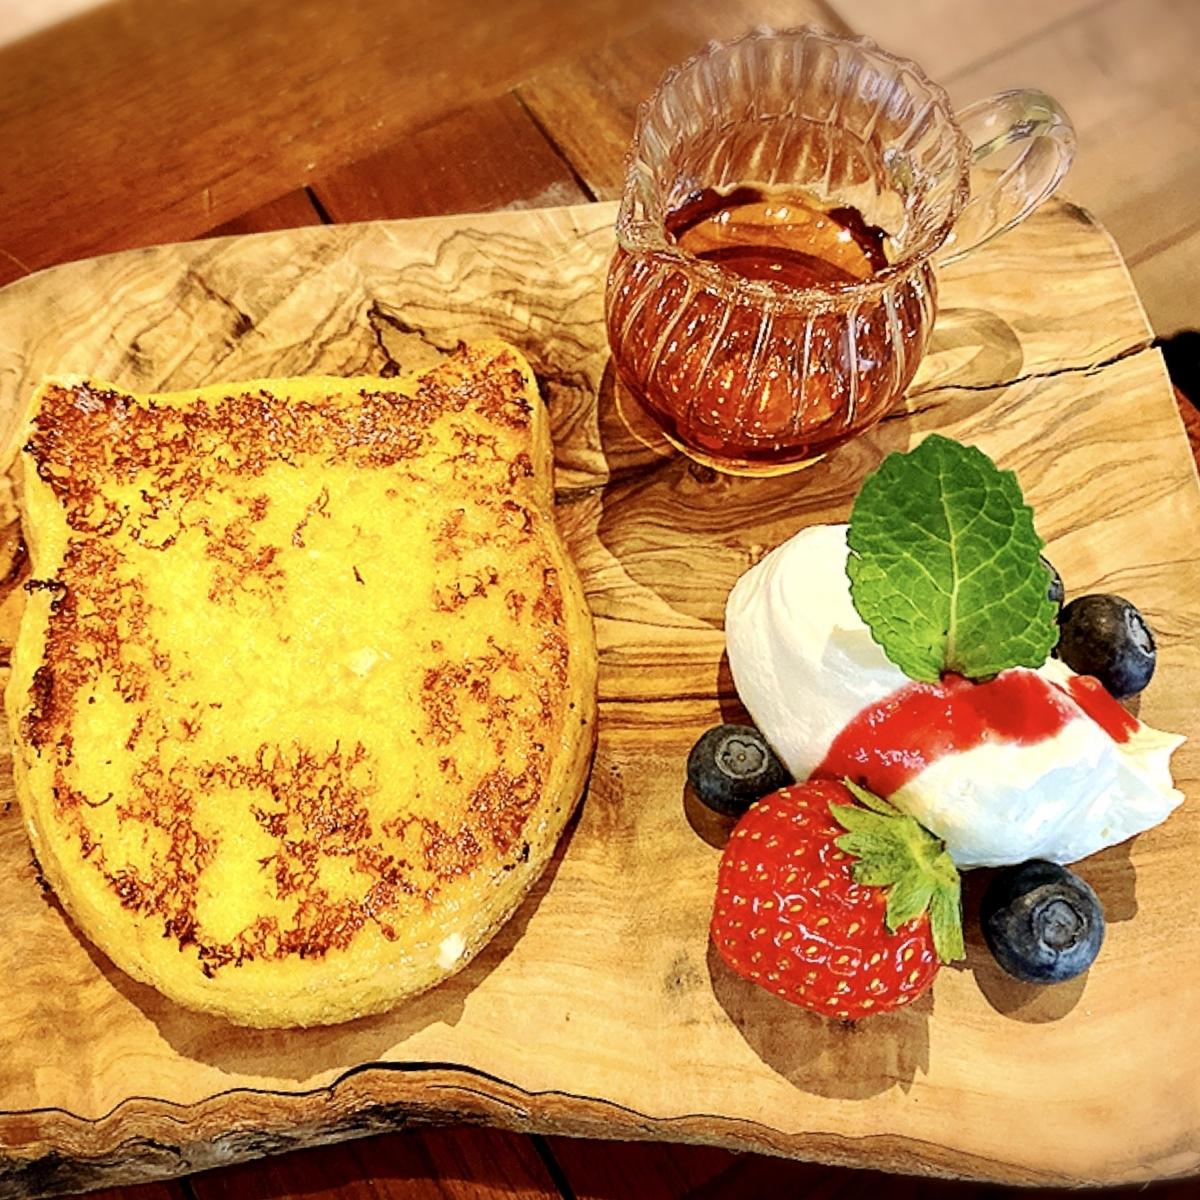 「ティーハウス はっぱ」はかわいいカフェ好きな方におすすめできるメルヘンカフェでした